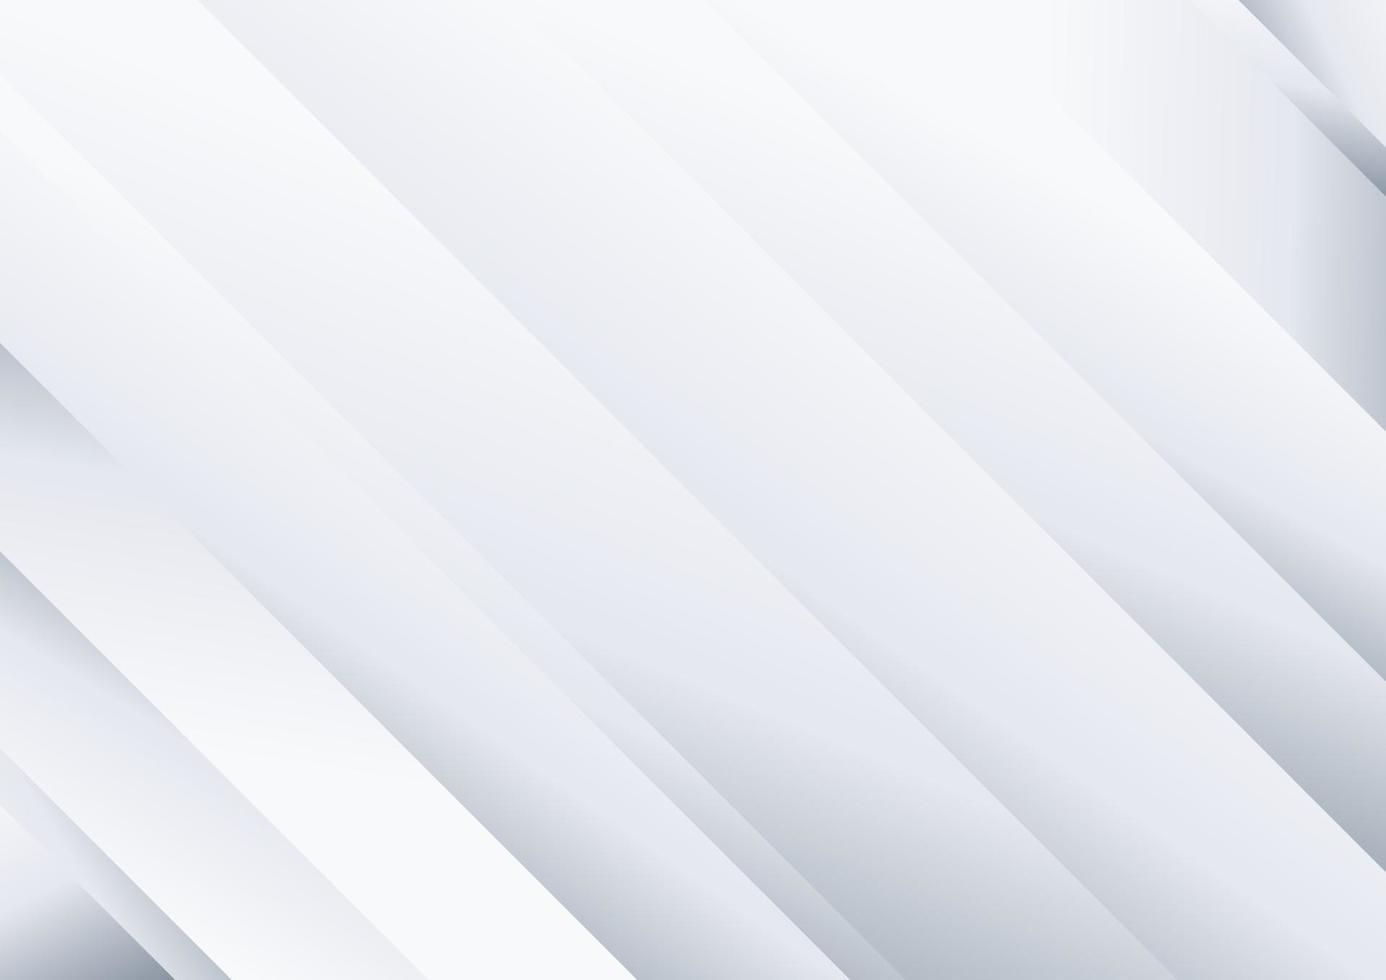 Fondo abstracto patrón de rayas diagonales blancas y grises vector